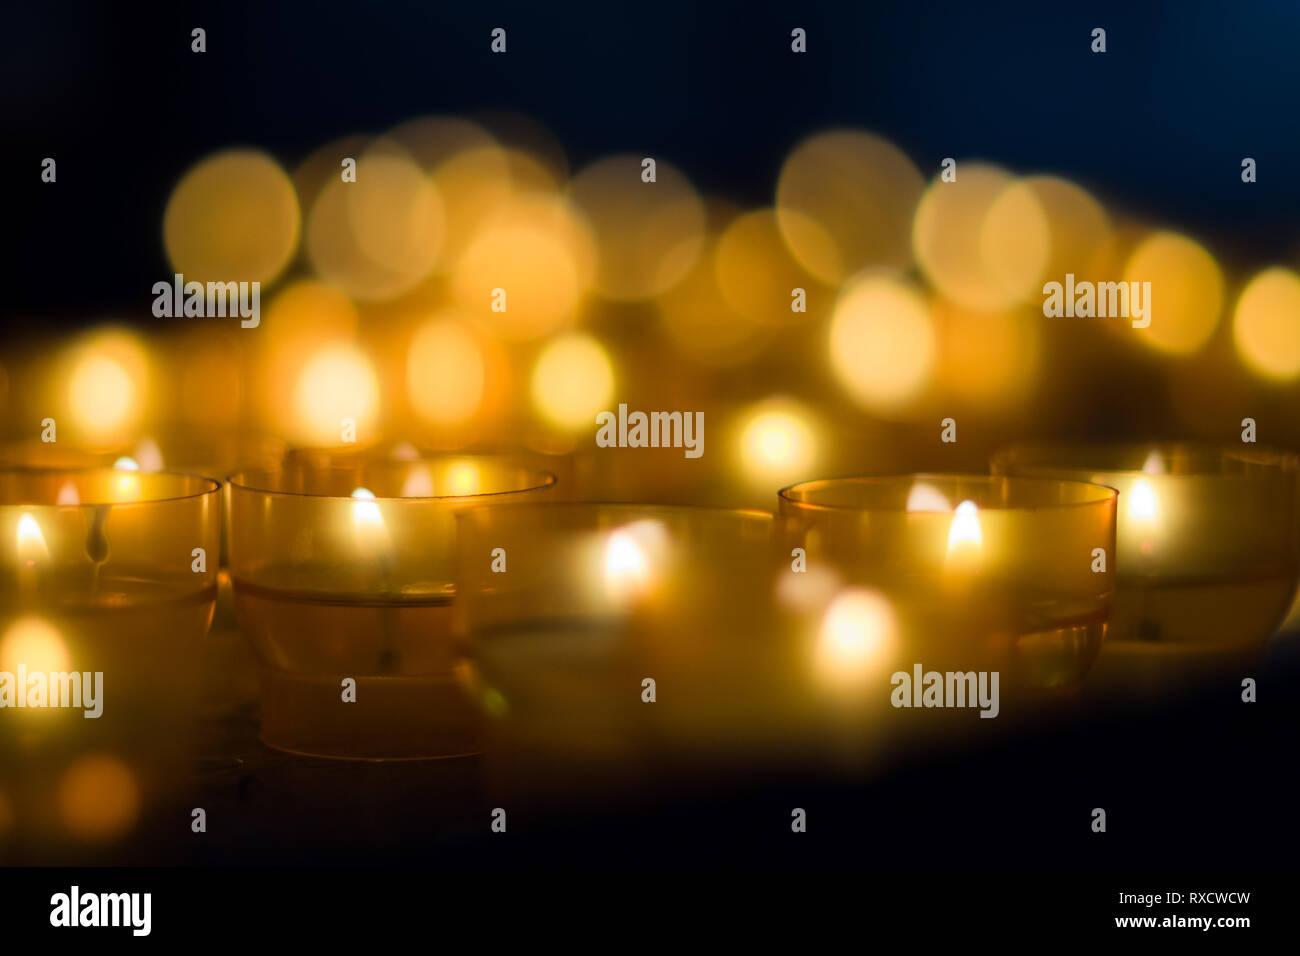 Impressionen vom Weihnachtsmarkt en Pfaffenhofen - mit Bubble-Bokeh Teelichter Foto de stock